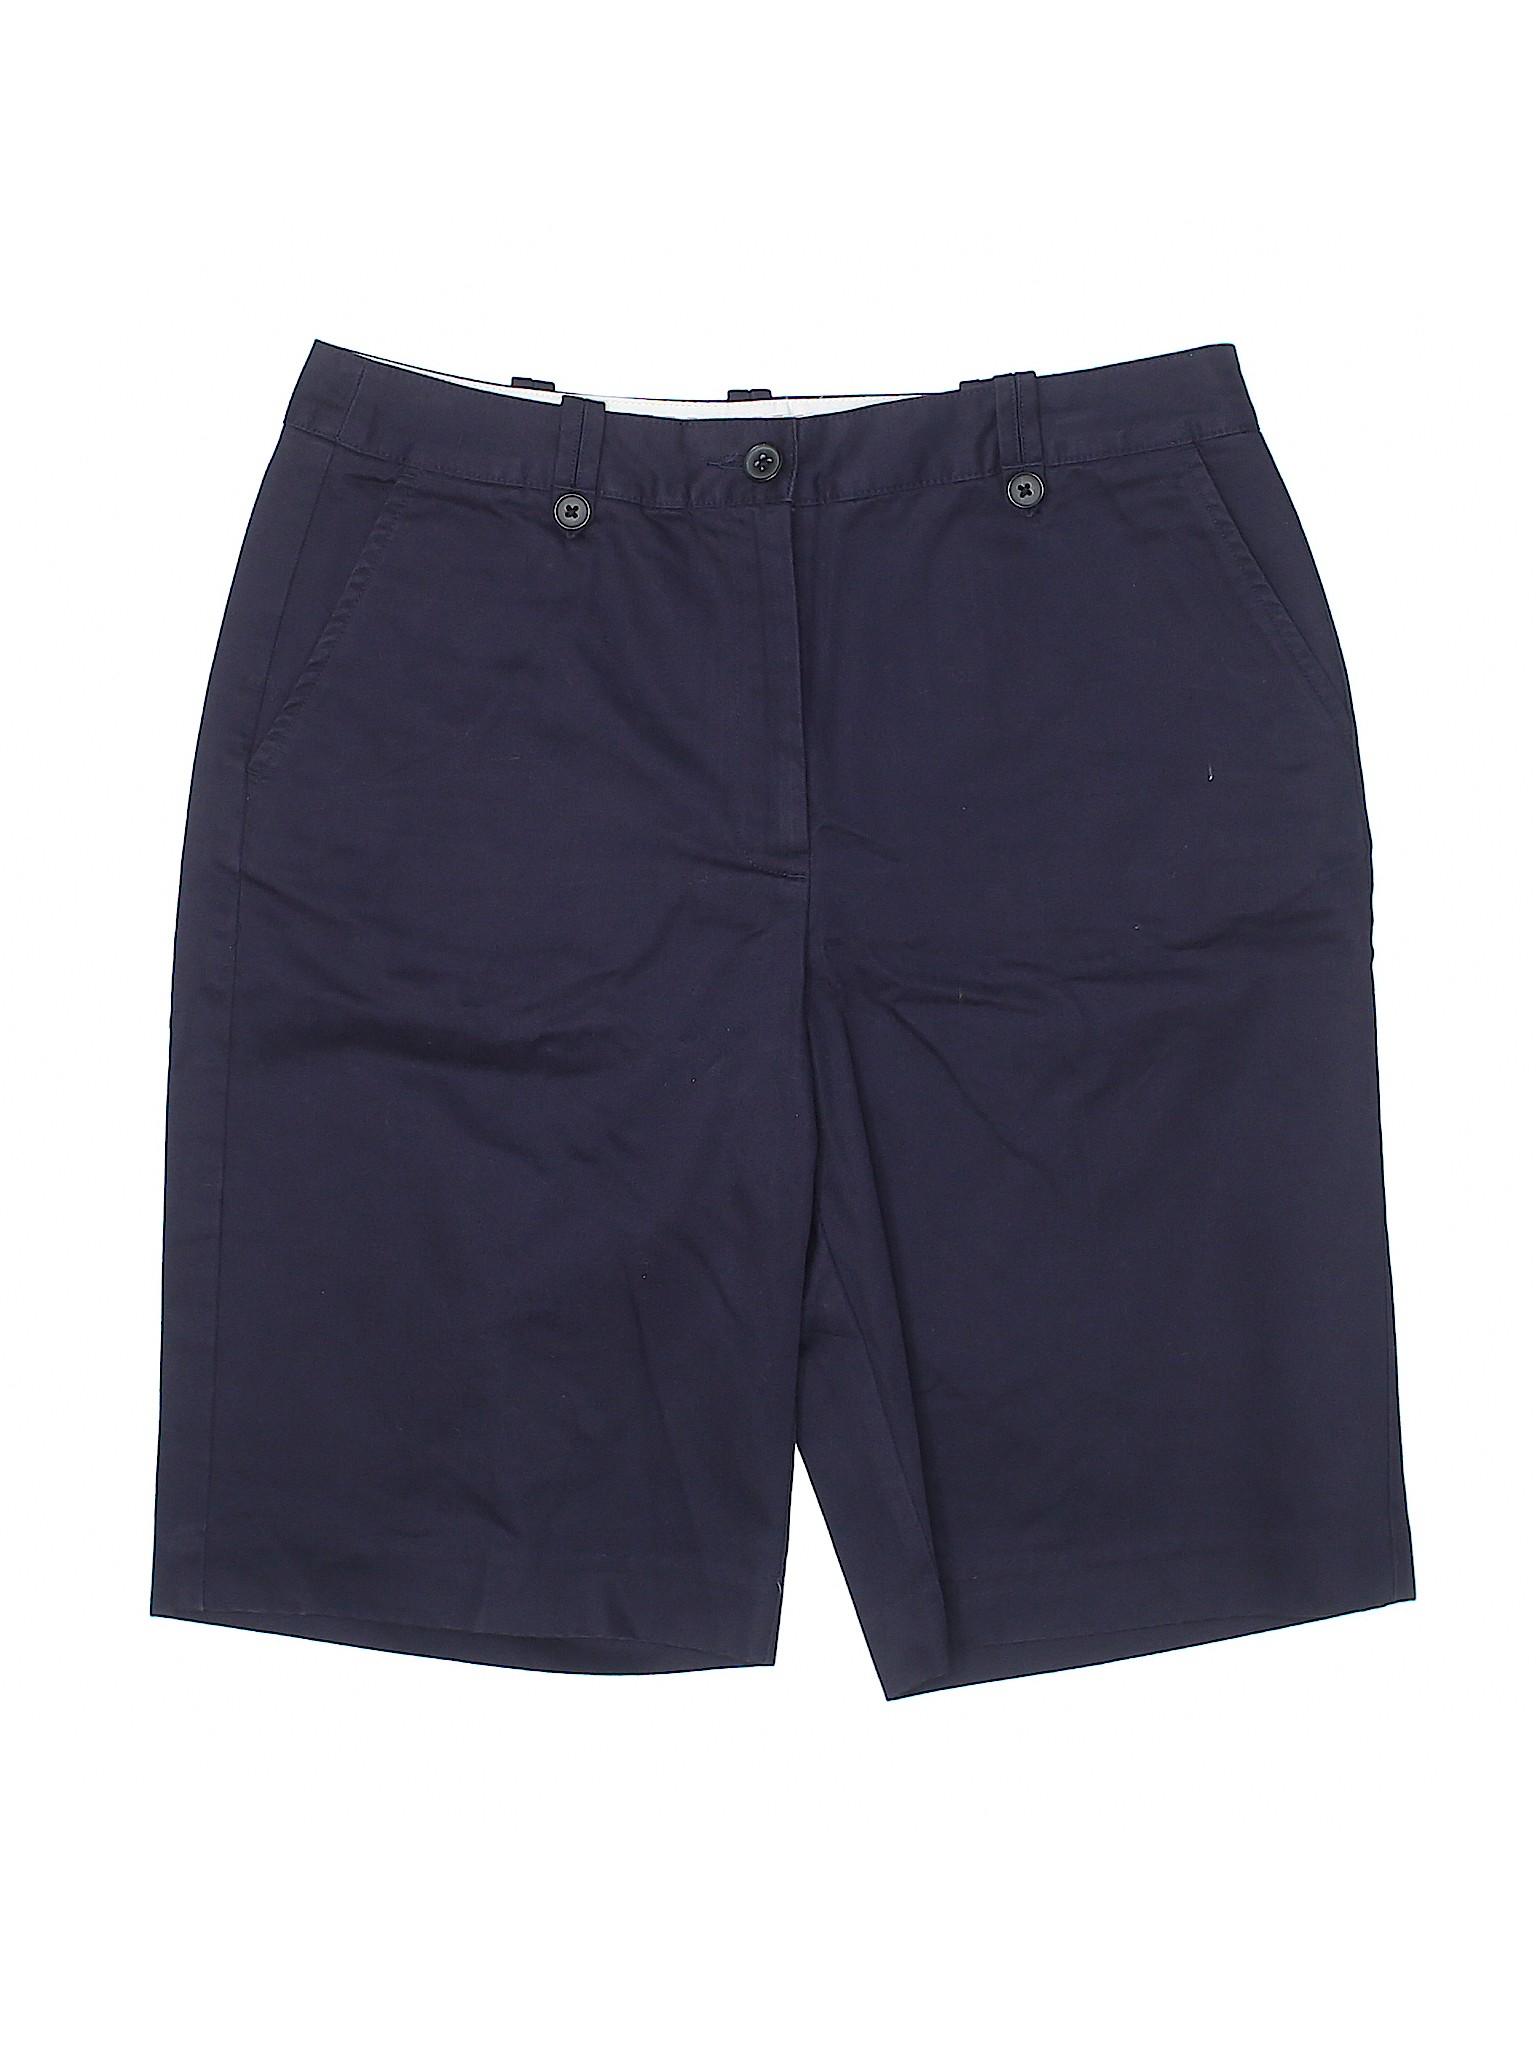 leisure Boutique End Khaki Lands' Shorts Ow8wa